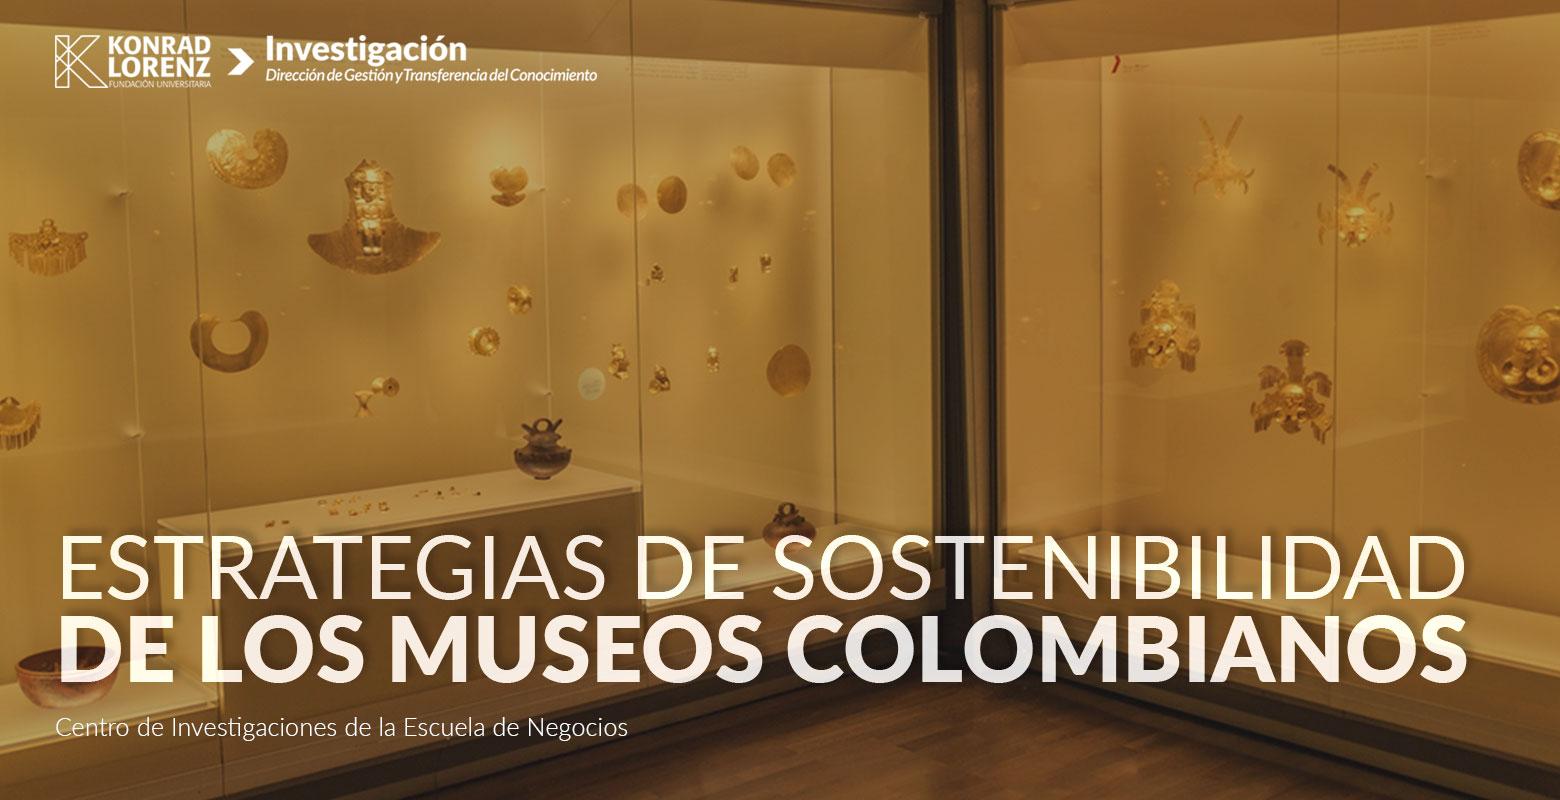 Estrategias de sostenibilidad de los museos colombianos